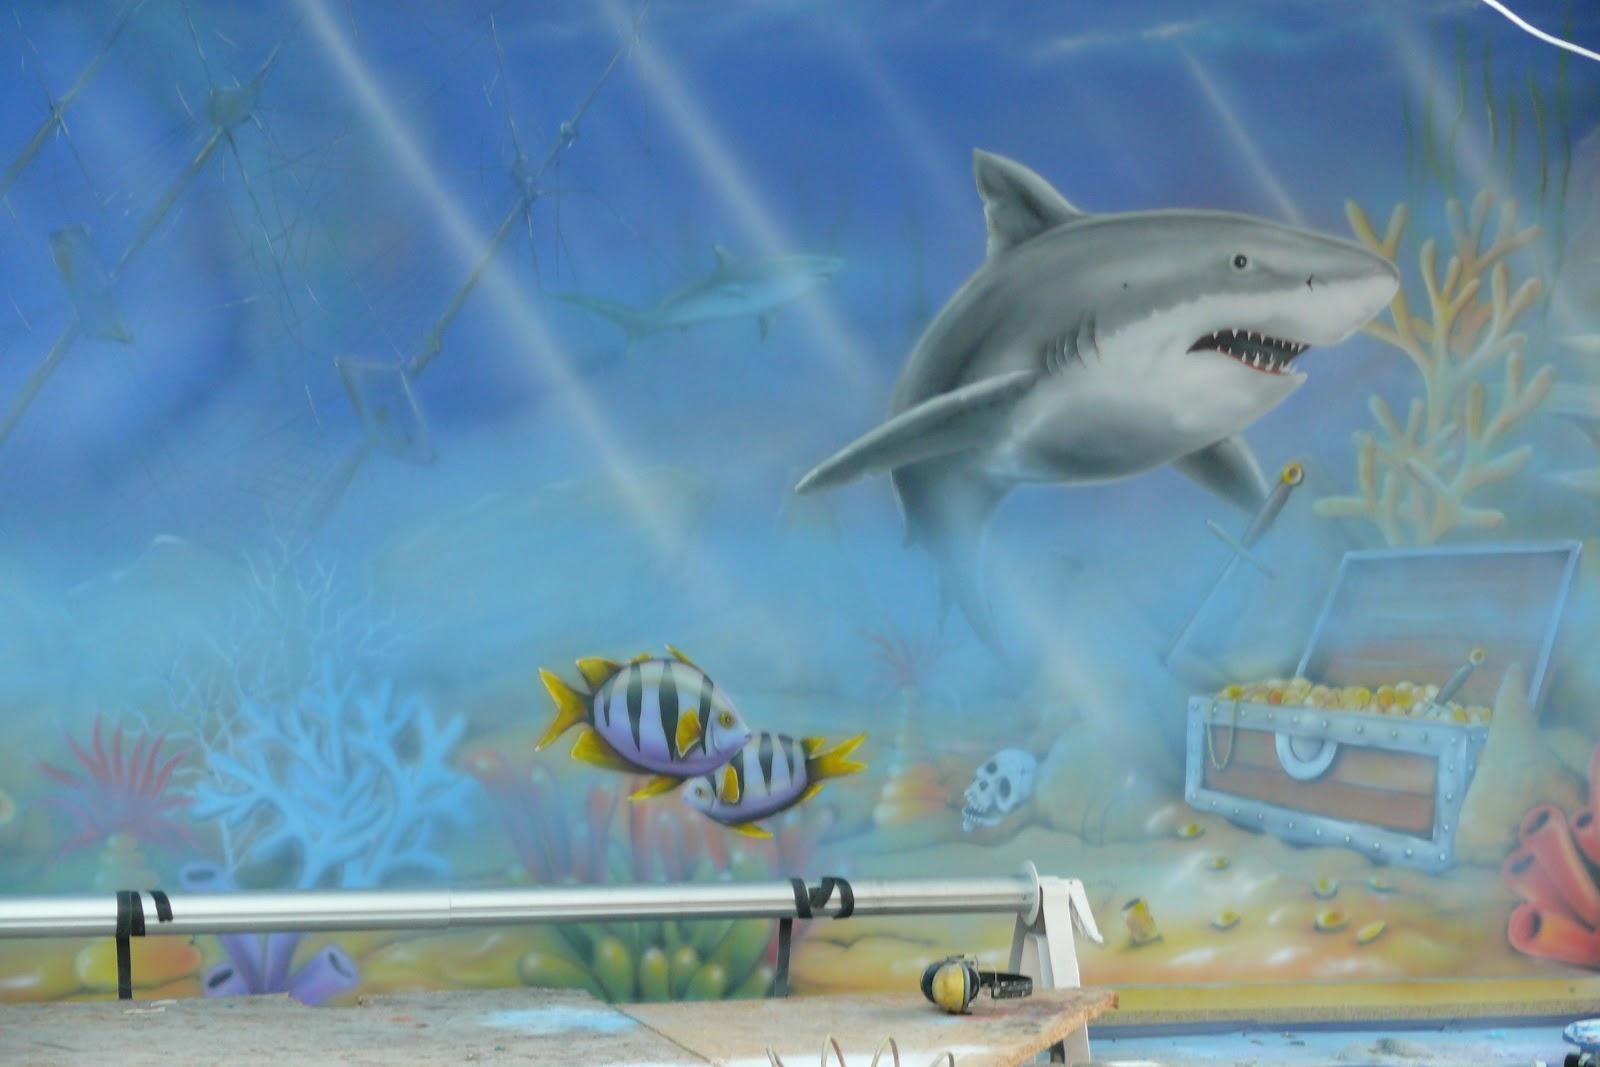 Artystyczne malowanie ścian na basenie ,aranżacja basenu malarstwo ścienne 3D, Warszawa